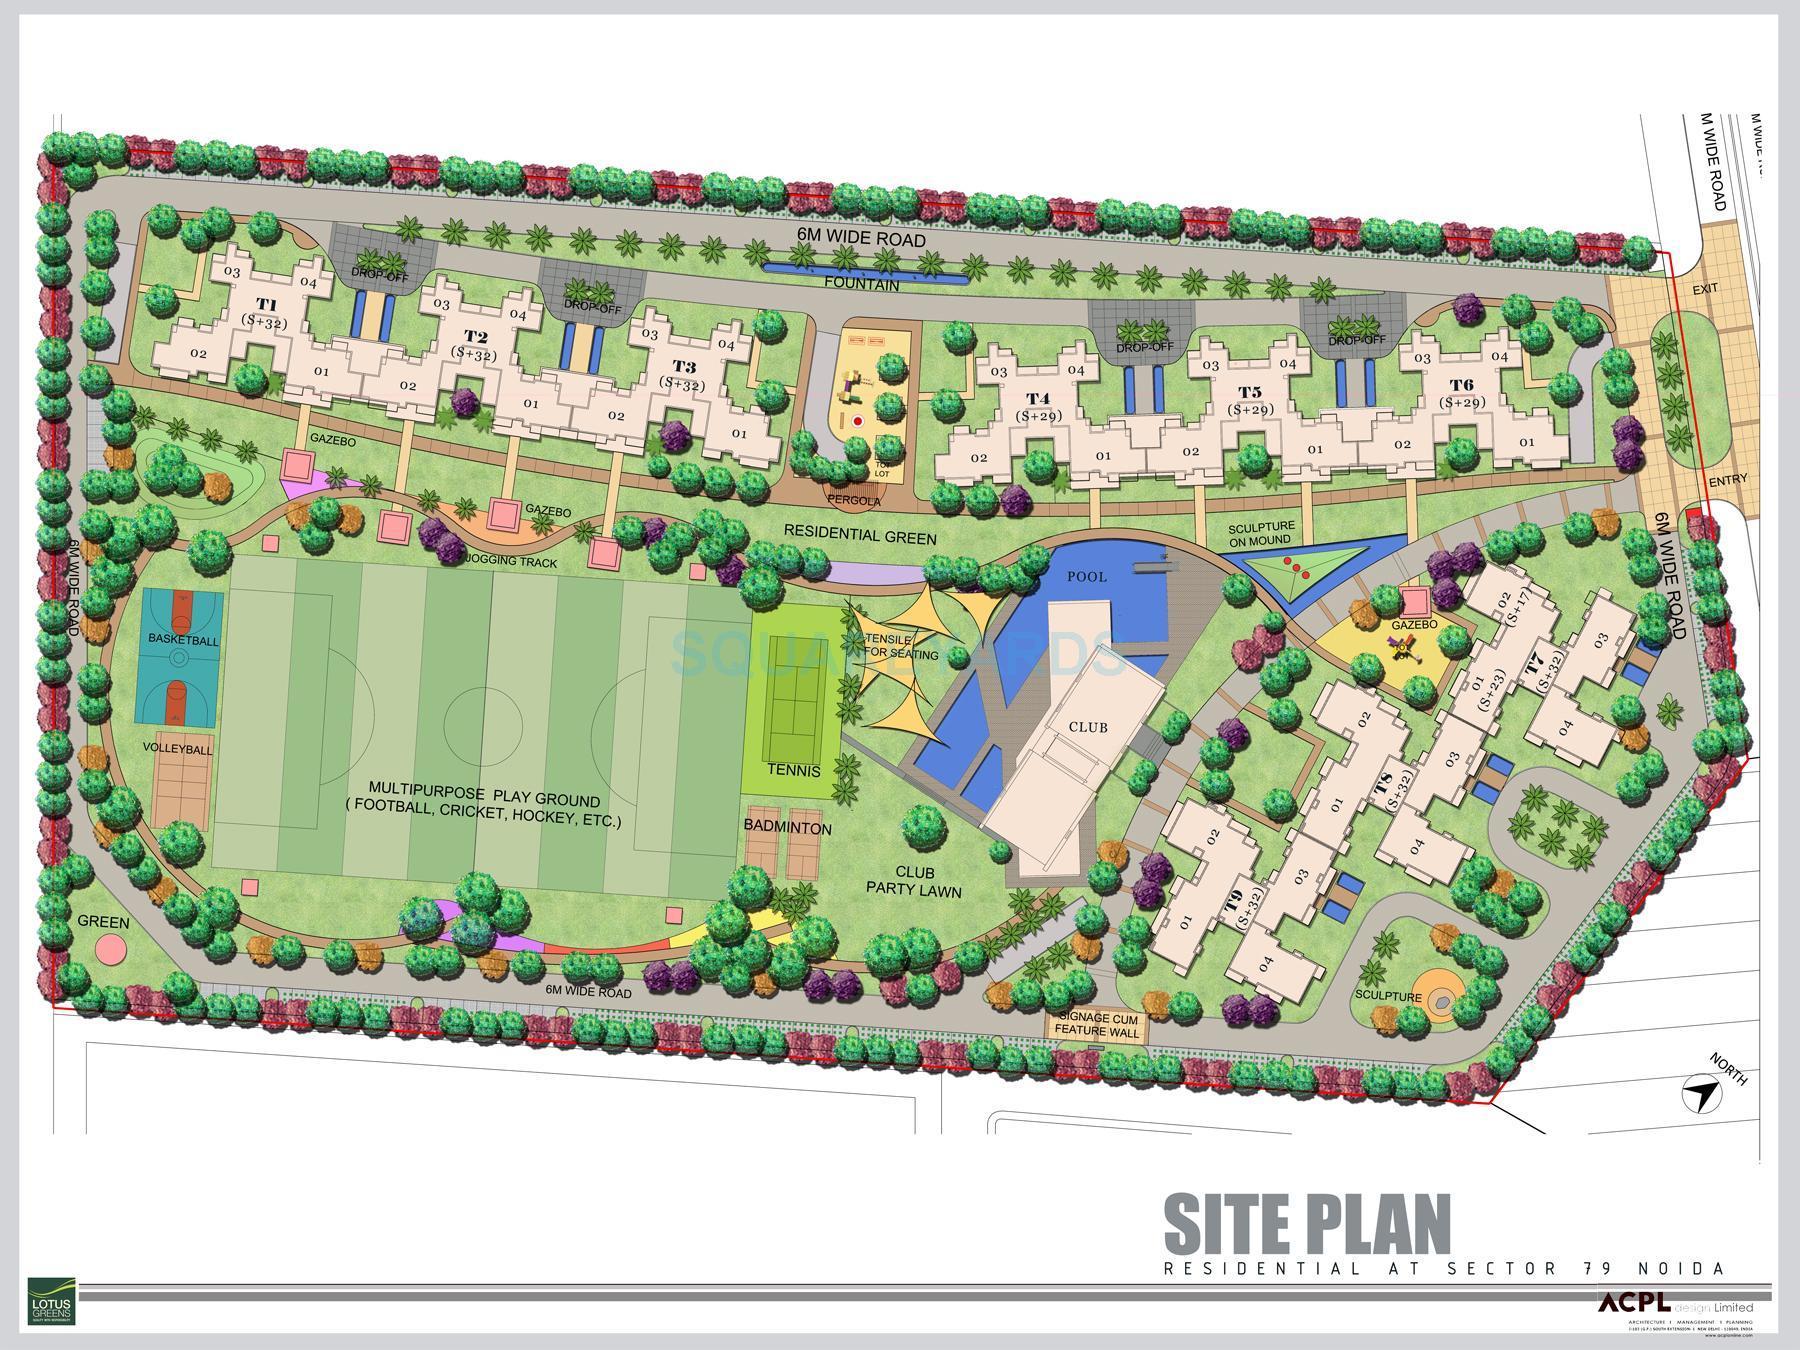 lotus green arena master plan image1